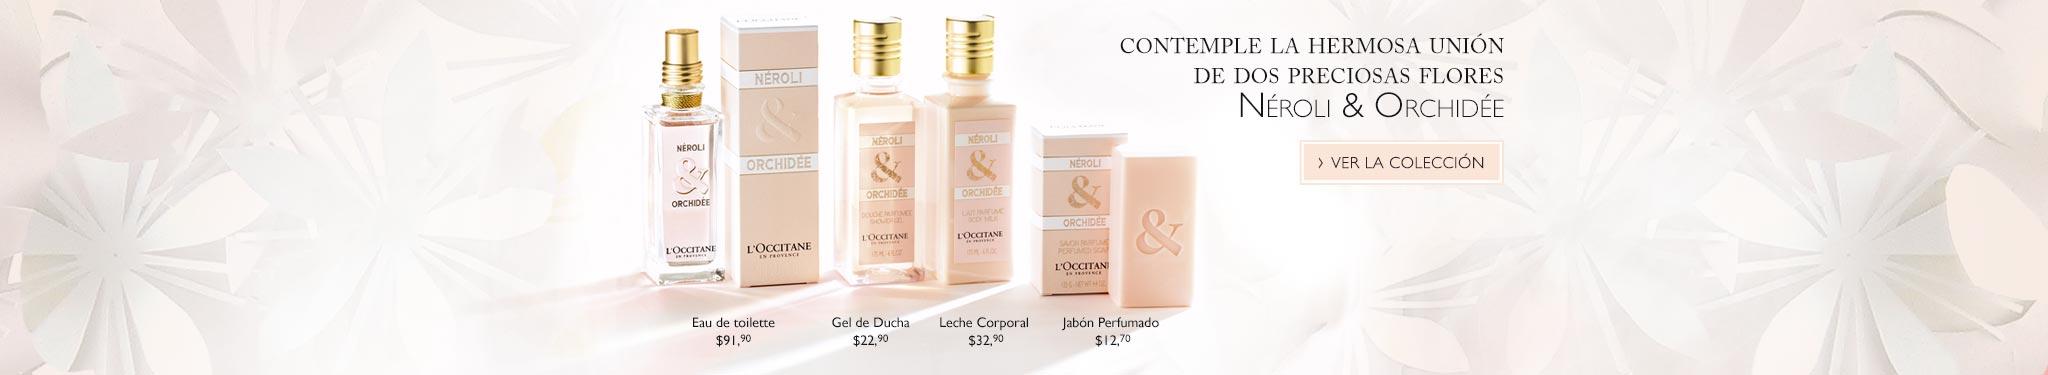 Grasse capital mundial del perfume